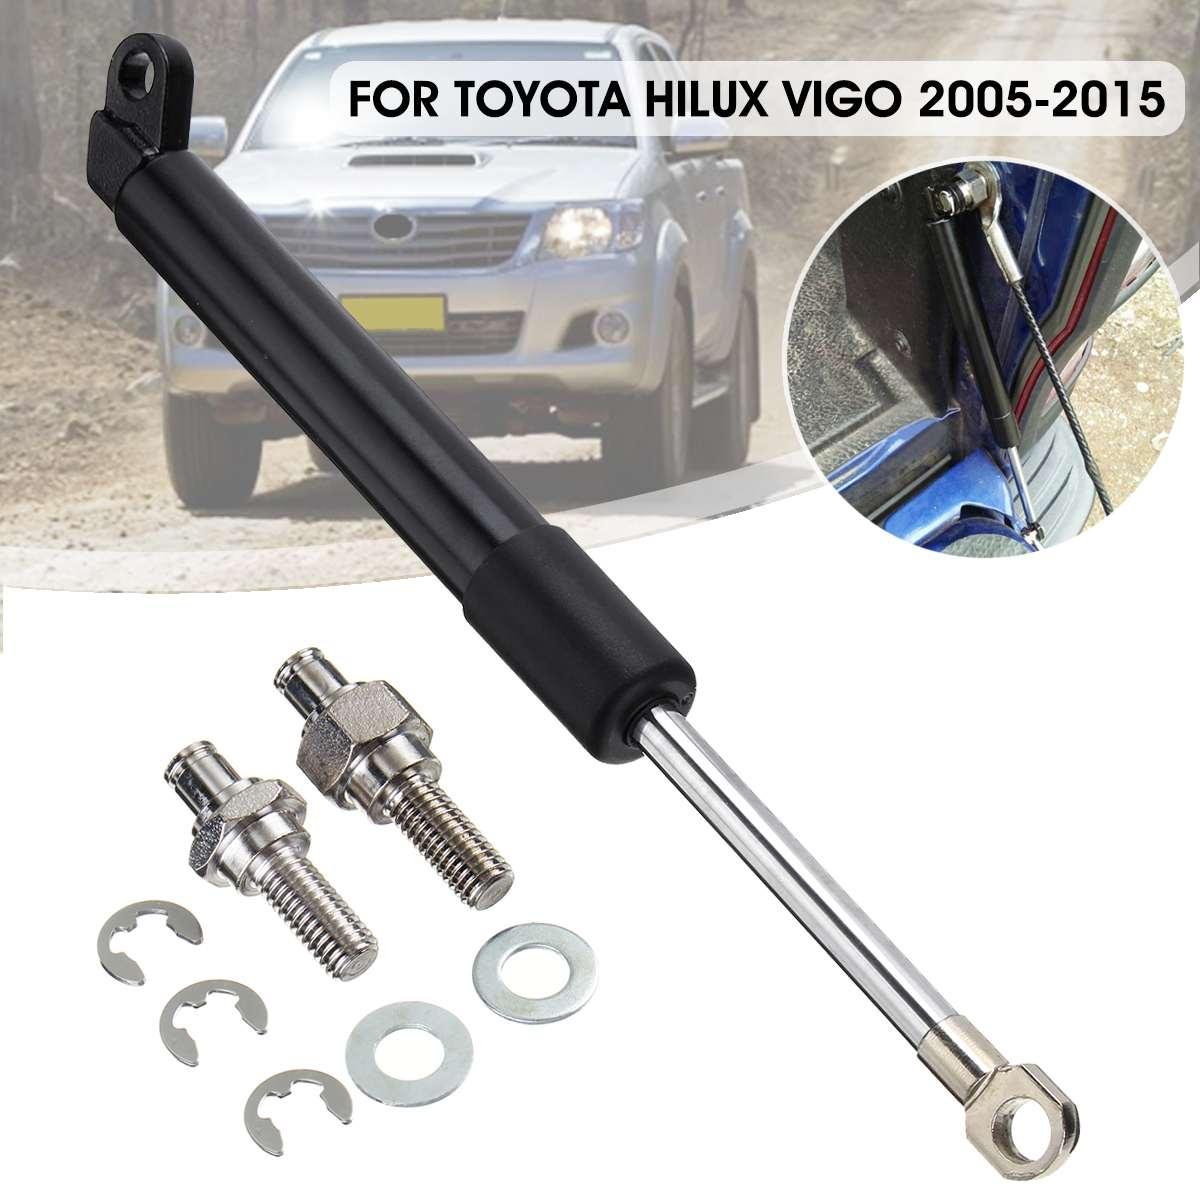 1 ensemble de hayon arrière de coffre prend en charge les amortisseurs de bras de tige de jambe de force de gaz amortisseur de barres de jambe de force pour Toyota Hilux Vigo SR5 GGN15R KUN26R 2005-2015